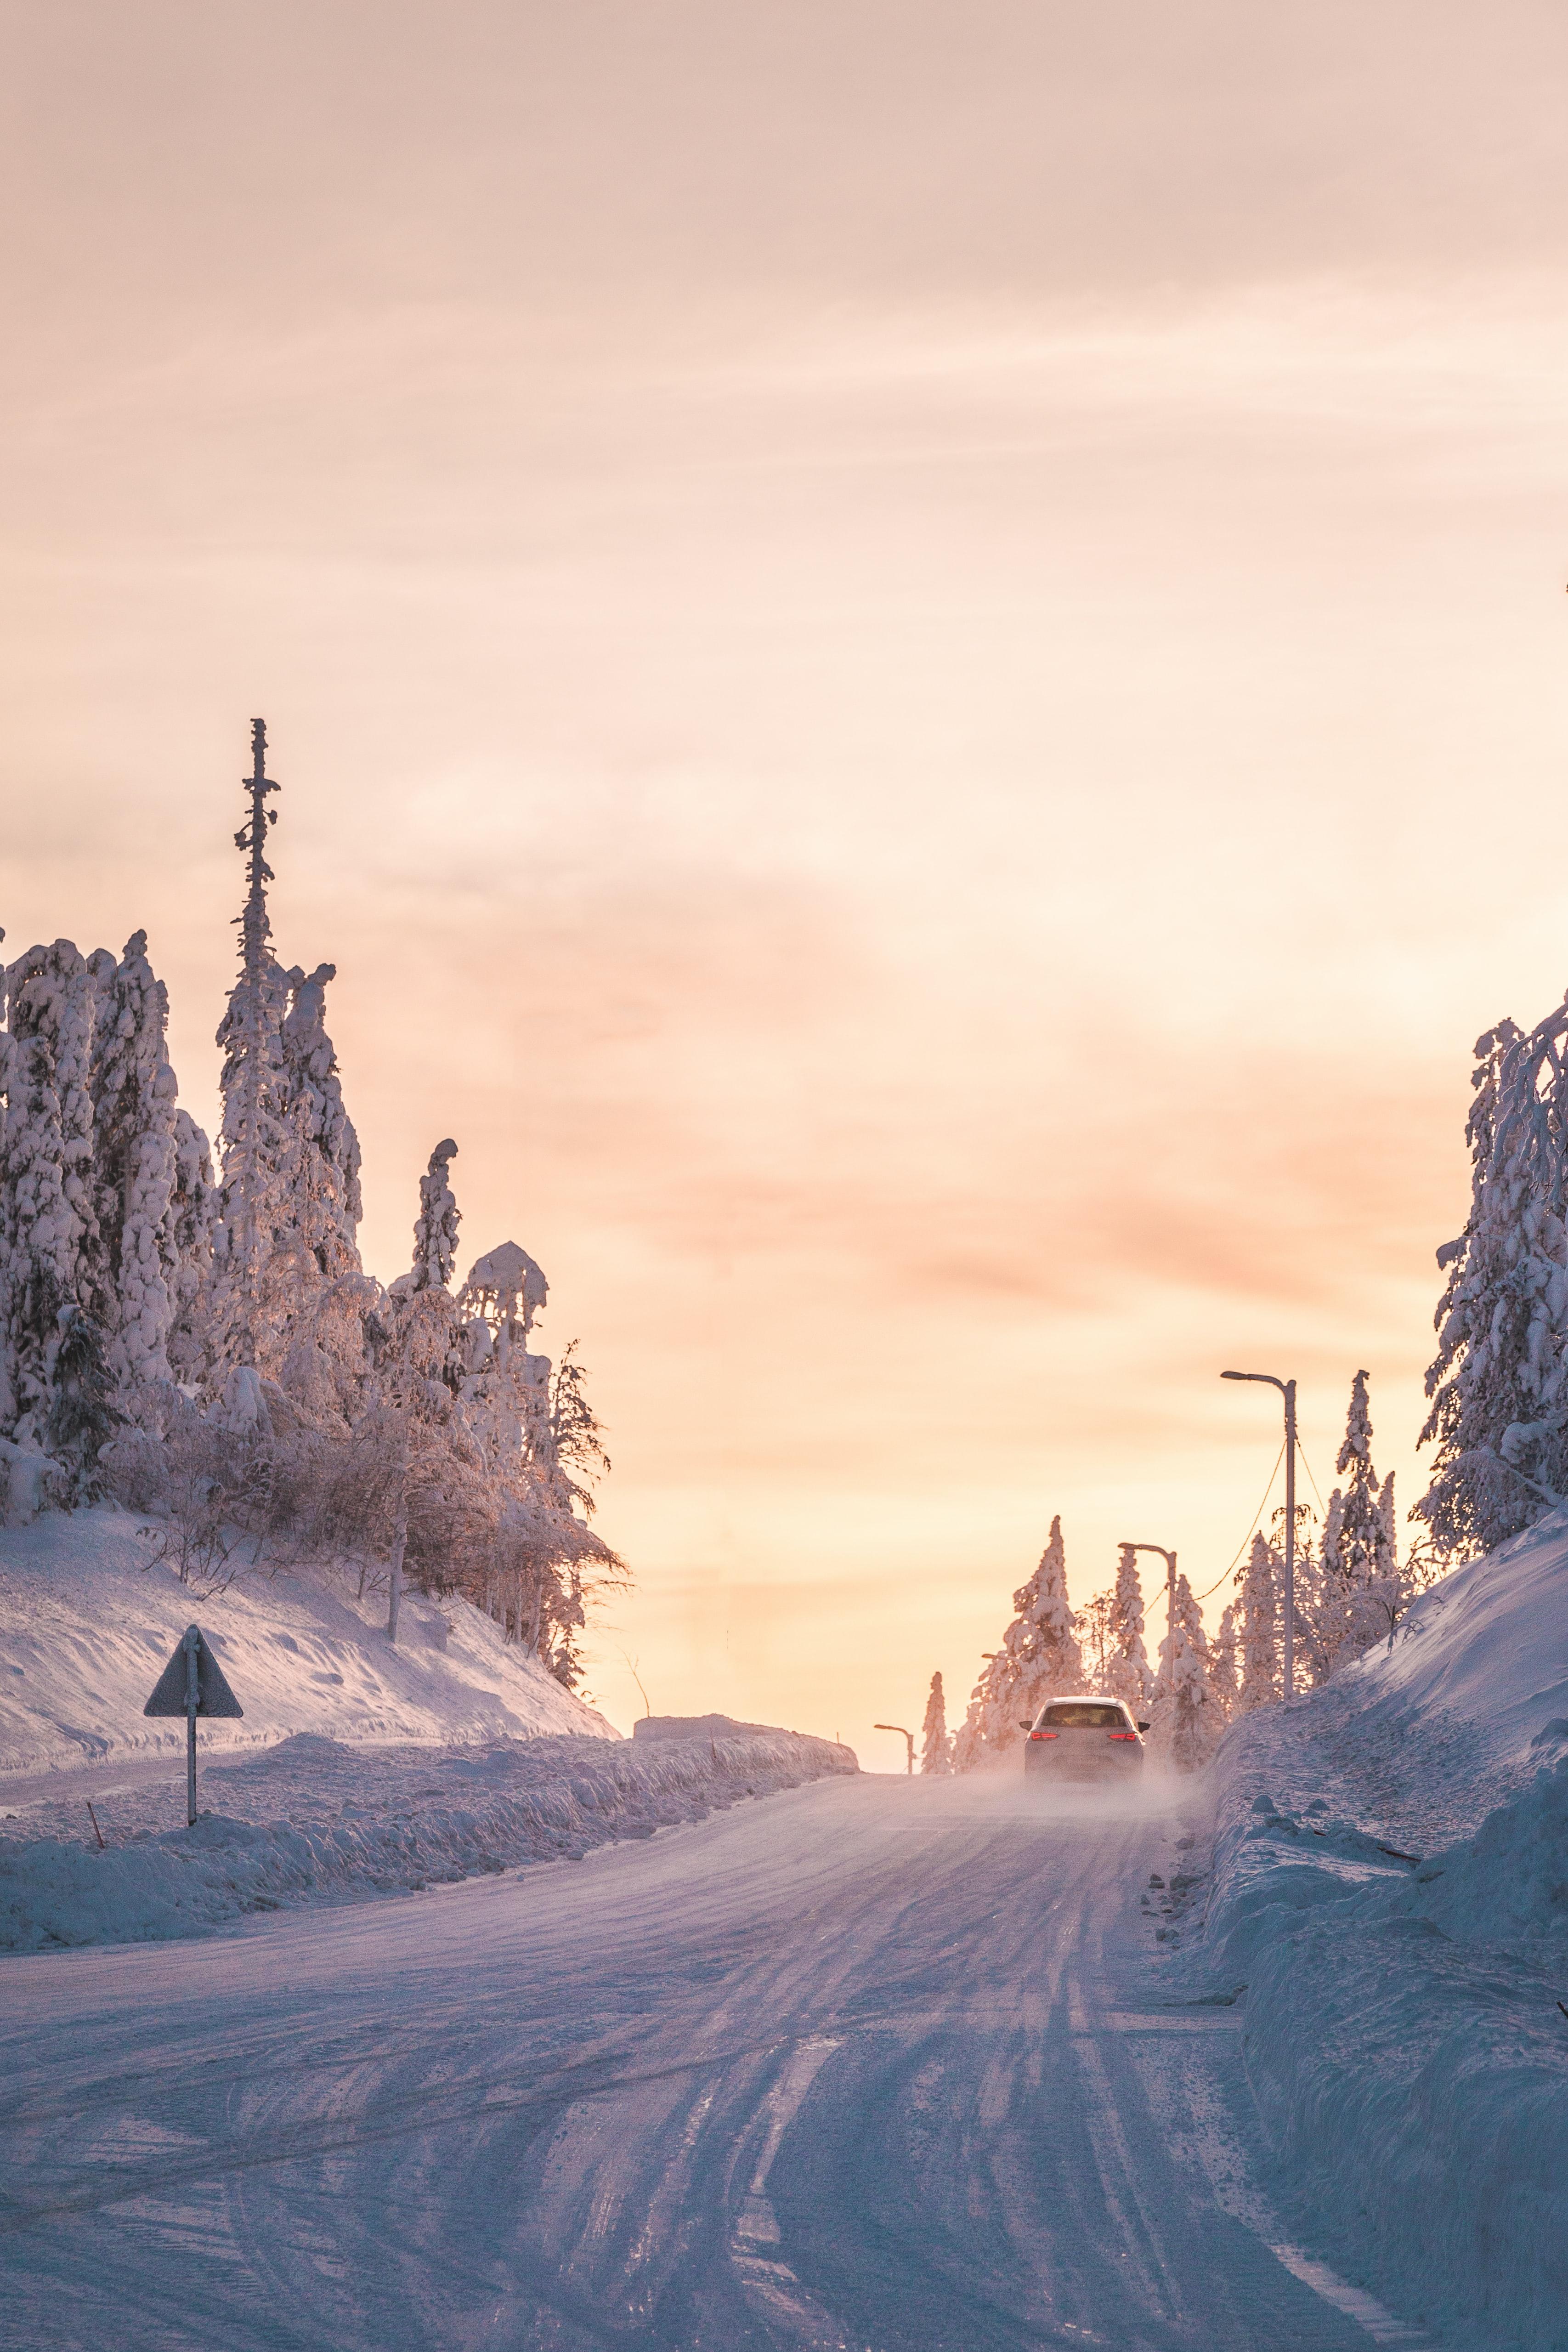 En voie d'électrification : Nos conseils pour la conduite d'une voiture électrique en hiver